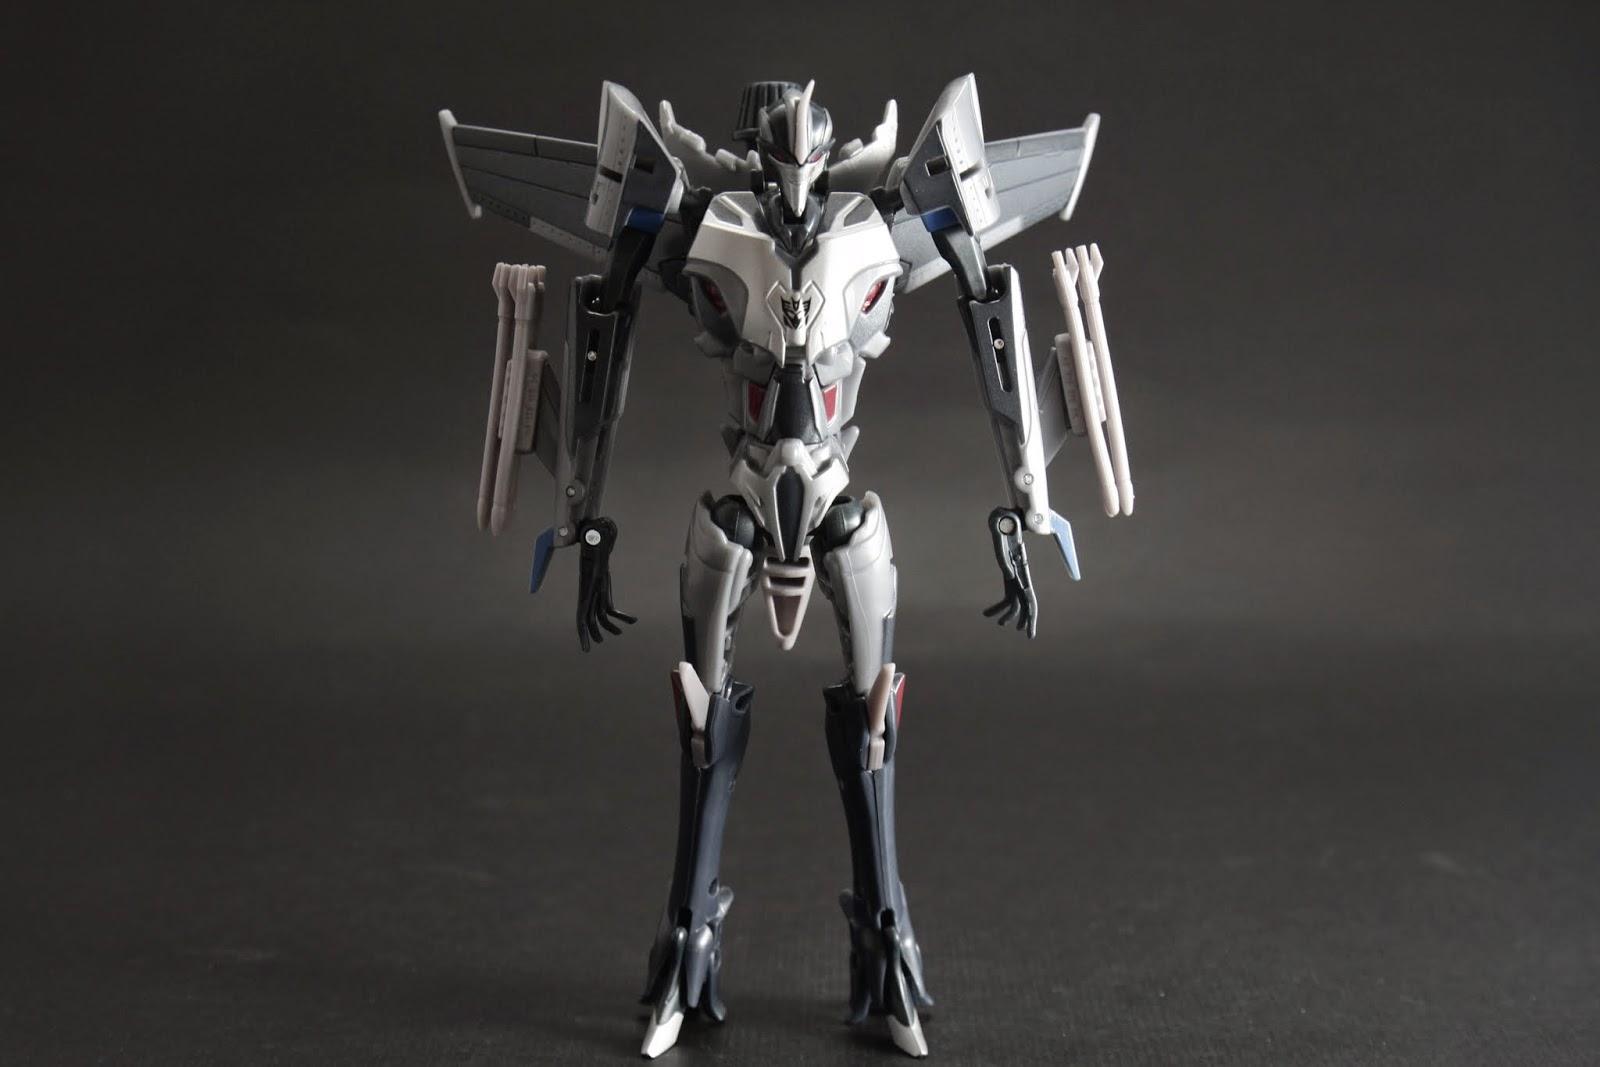 Prime動畫裡身材風格超纖細 頭的角歪了